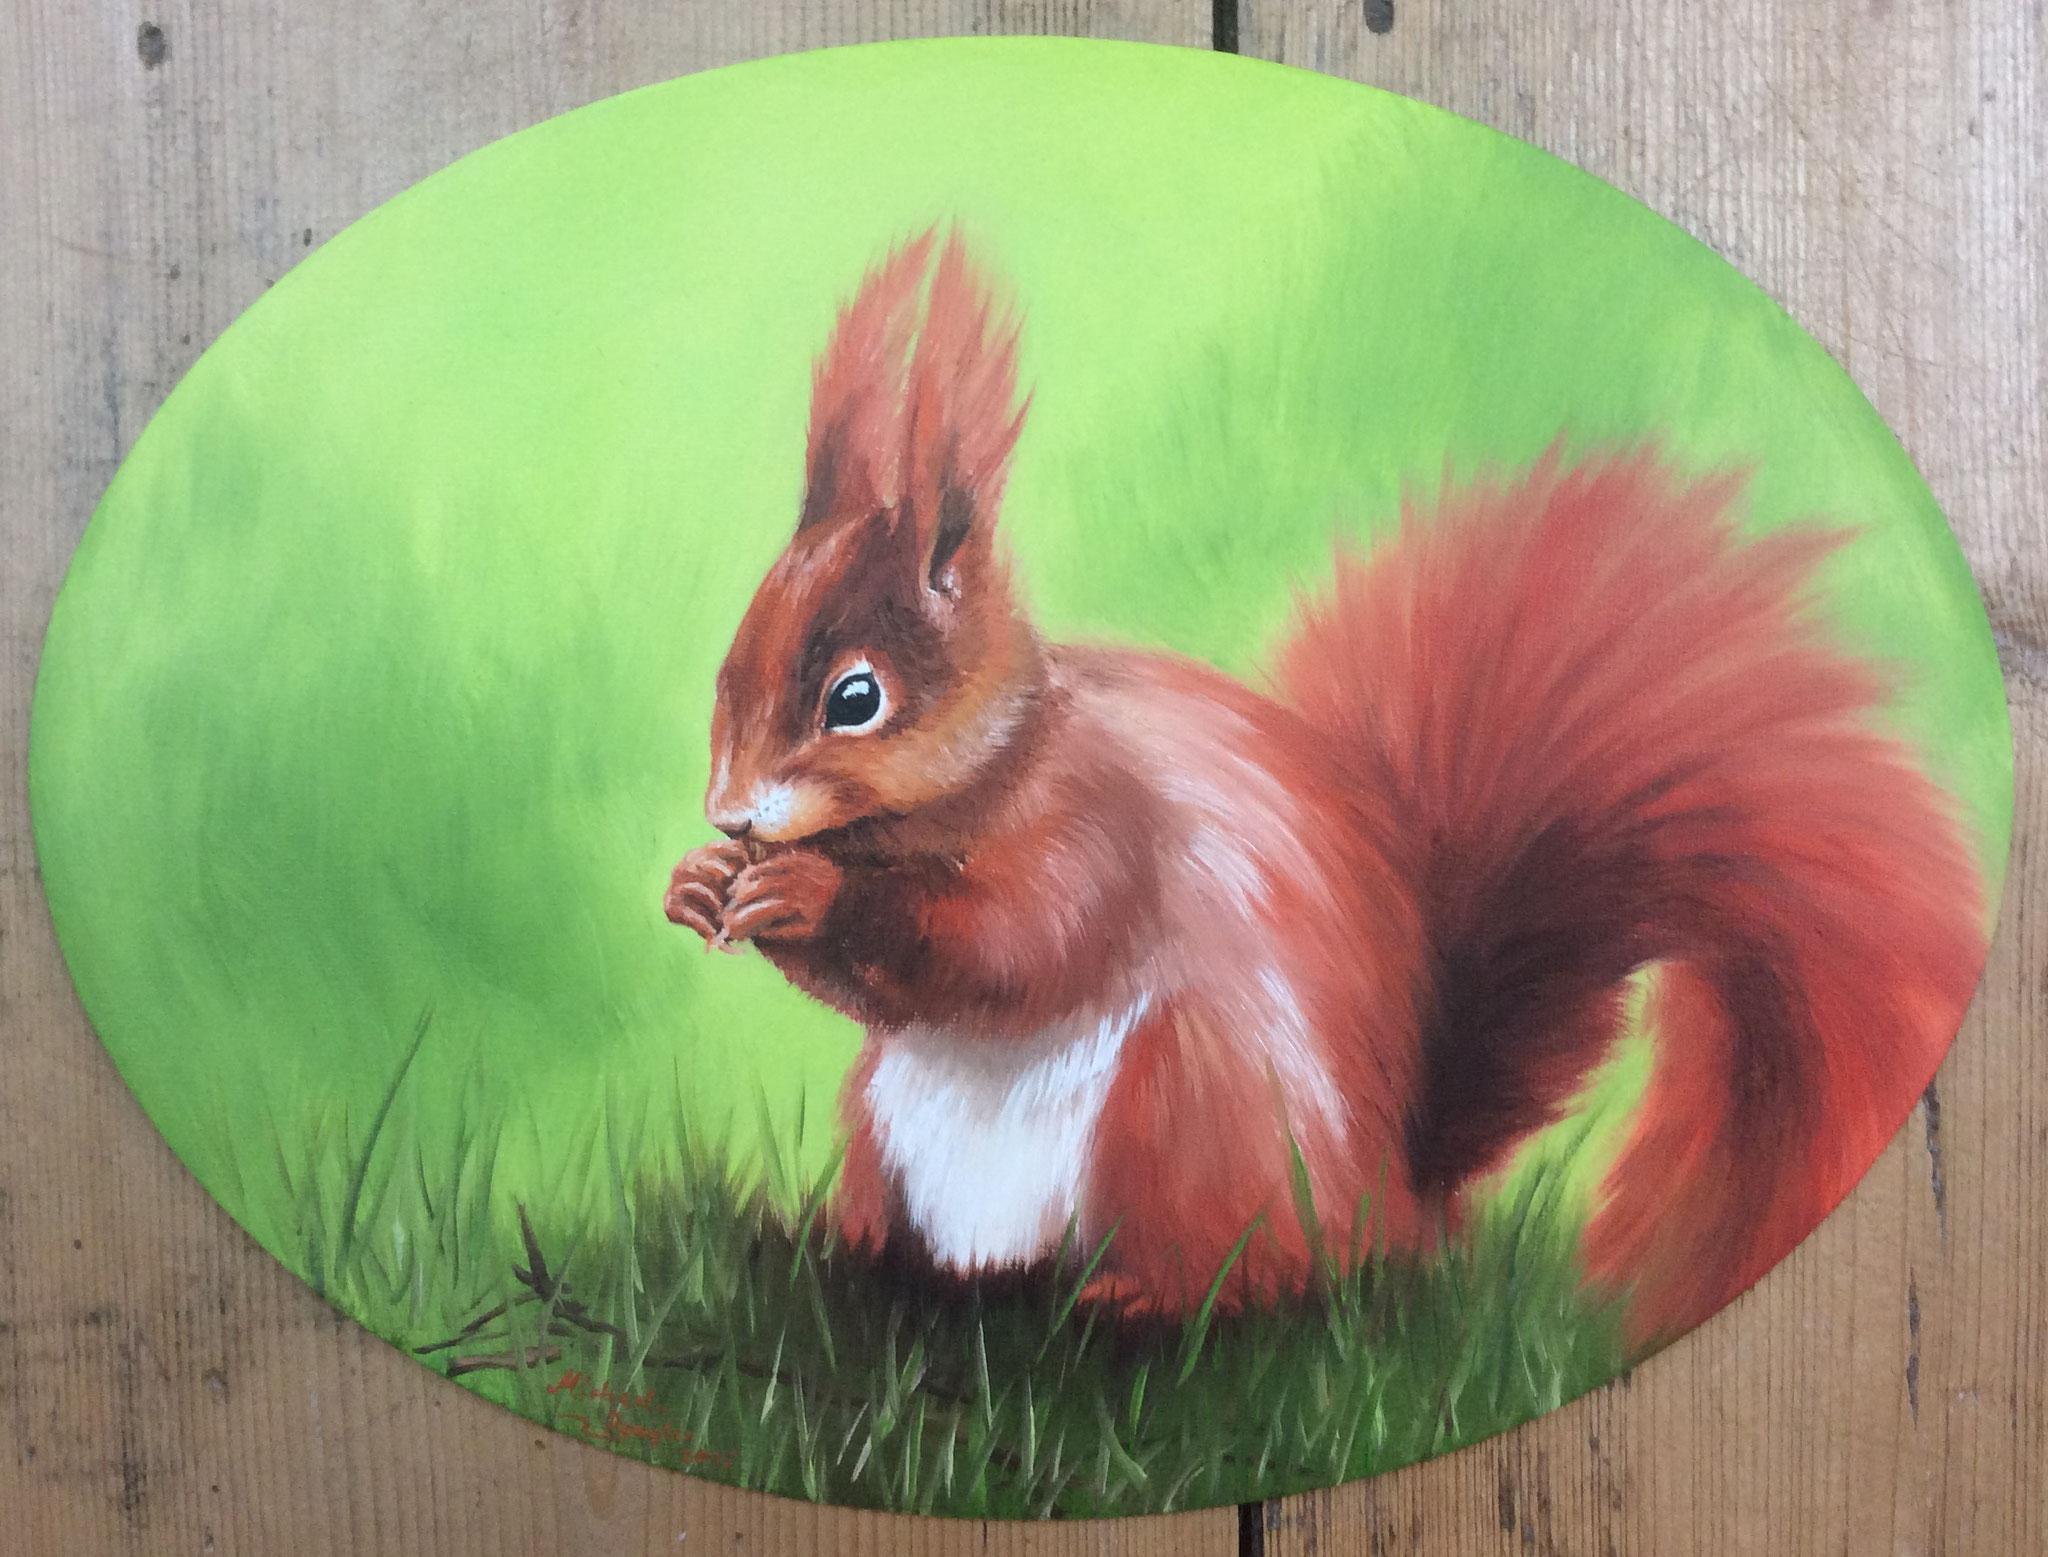 Eichhörnchen im Grünen